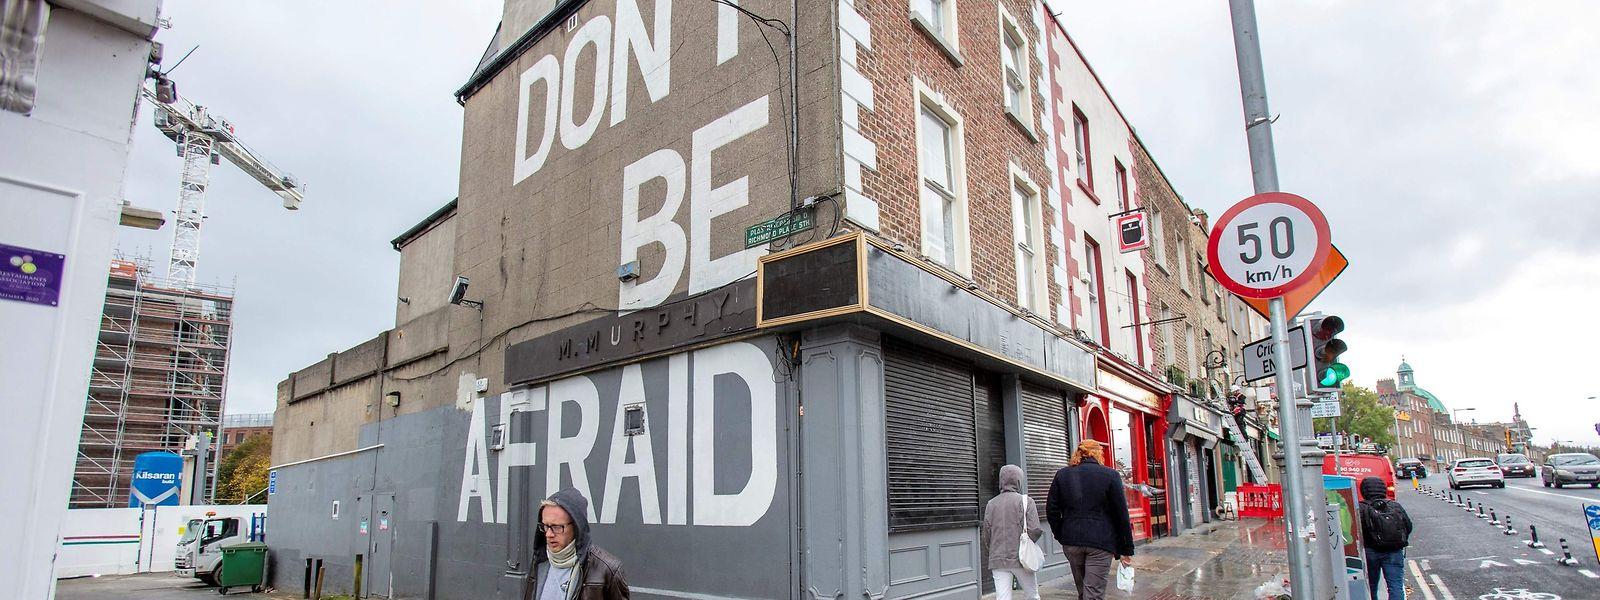 C'est à partir de la nuit de mercredi à jeudi que l'ensemble de la population irlandaise sera reconfinée, soit plus de cinq millions de personnes